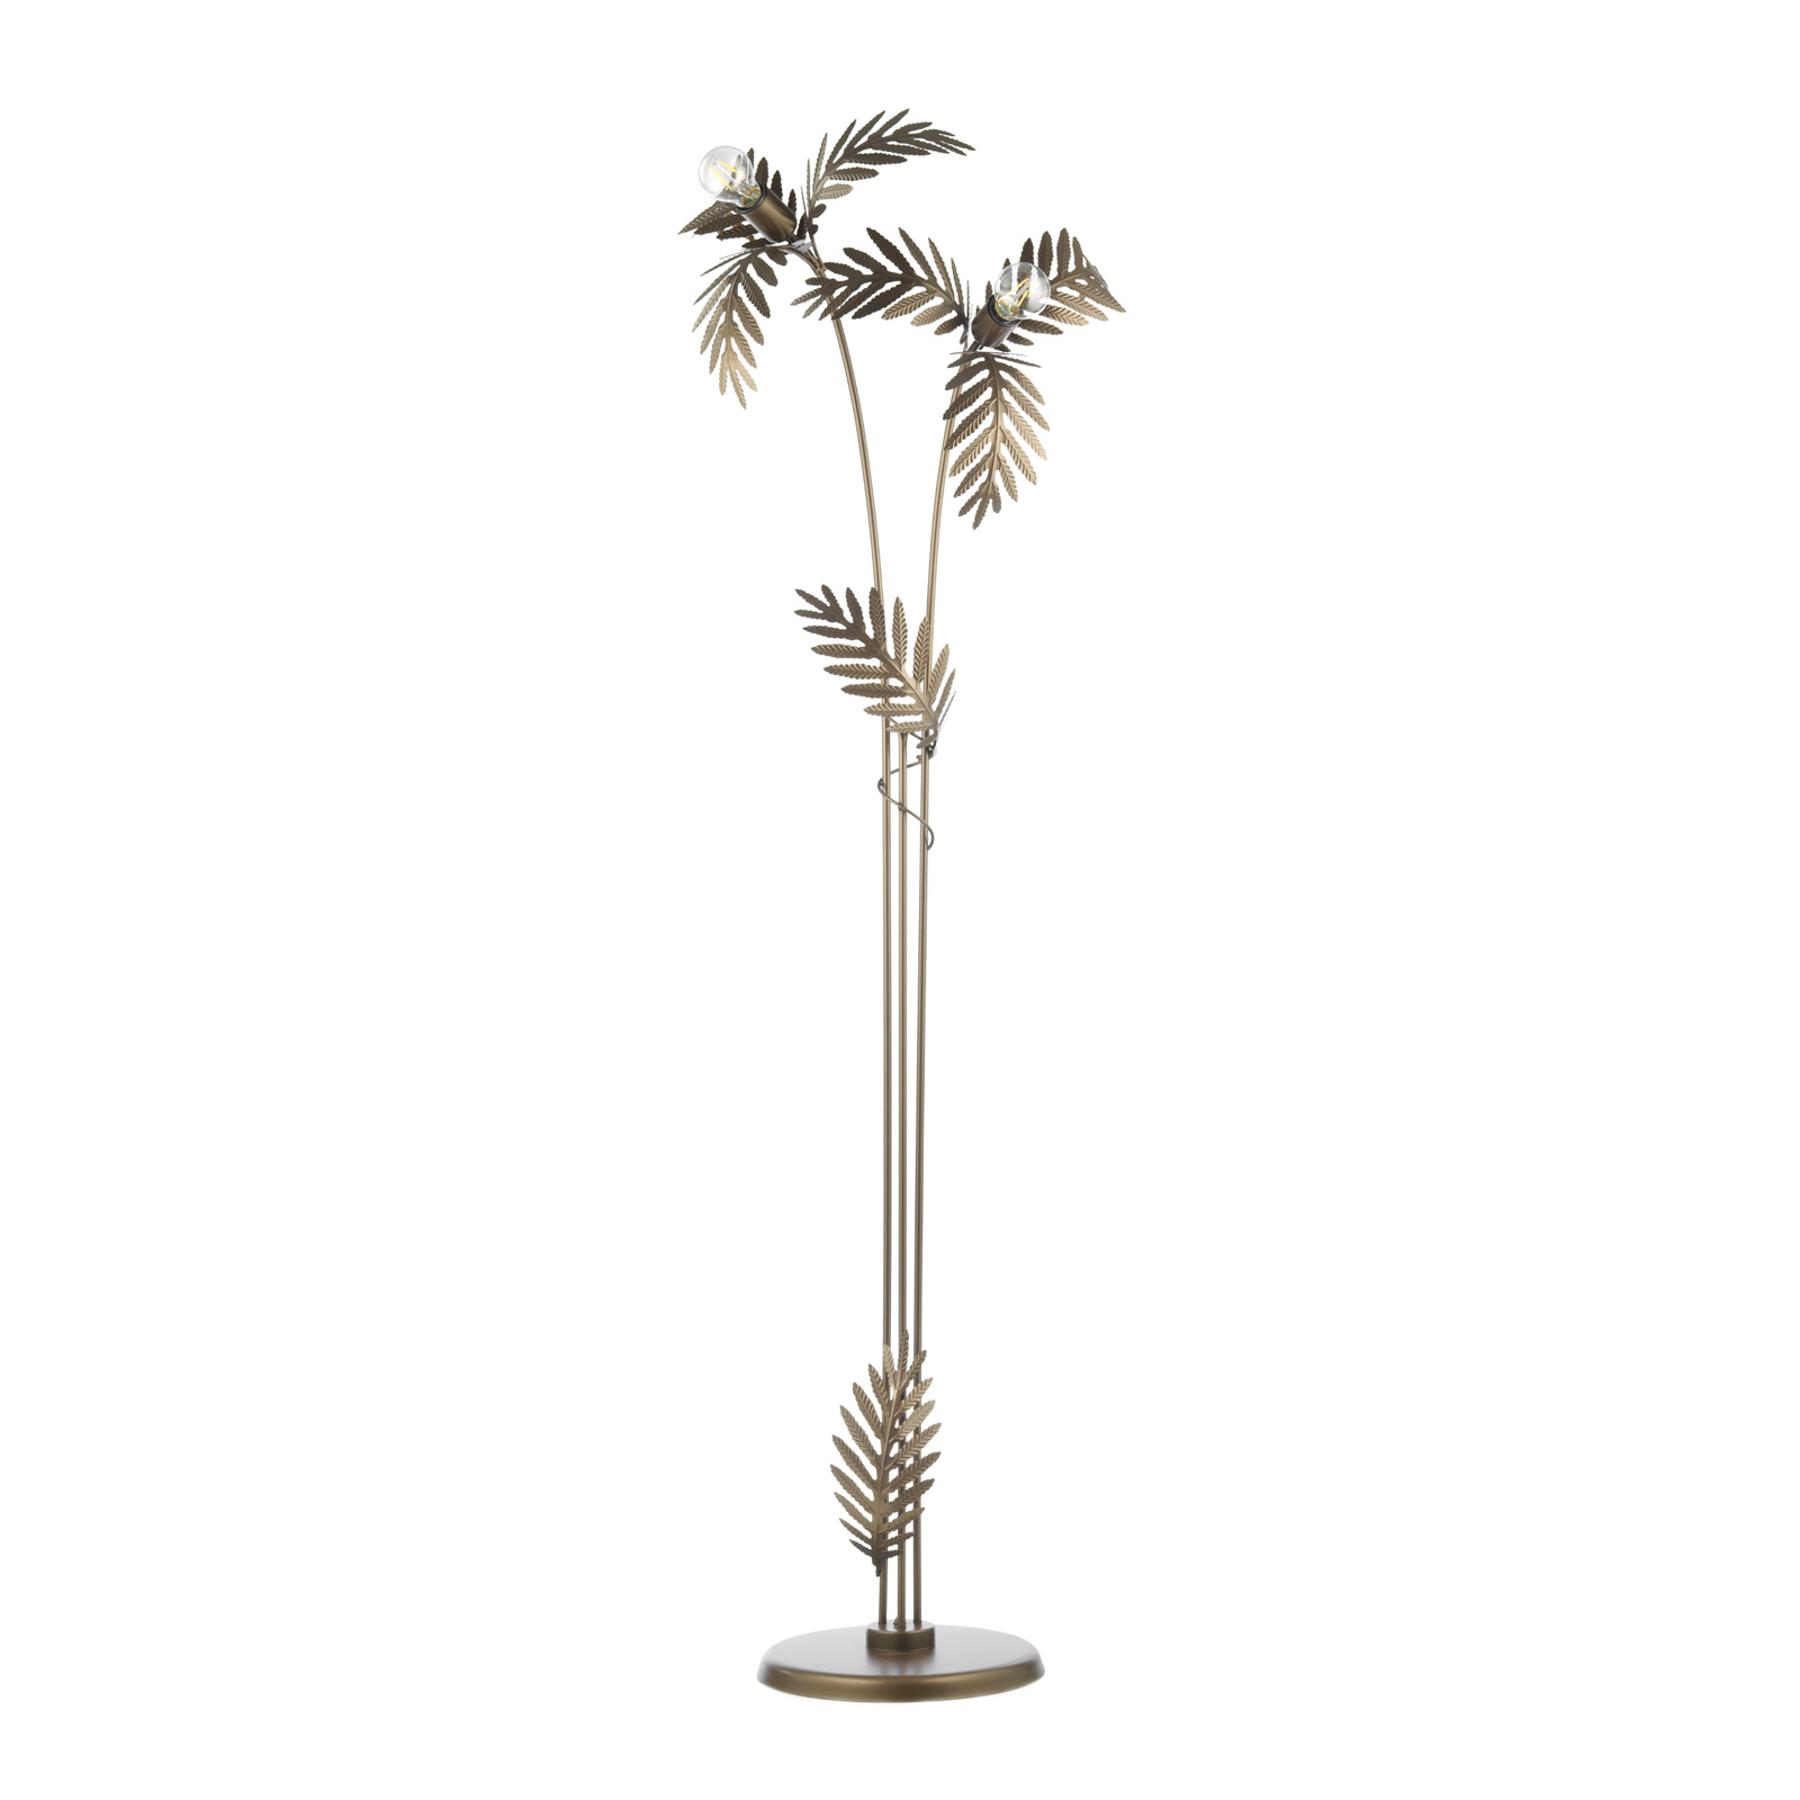 Stehleuchte Dubai in Blätteroptik, bronze